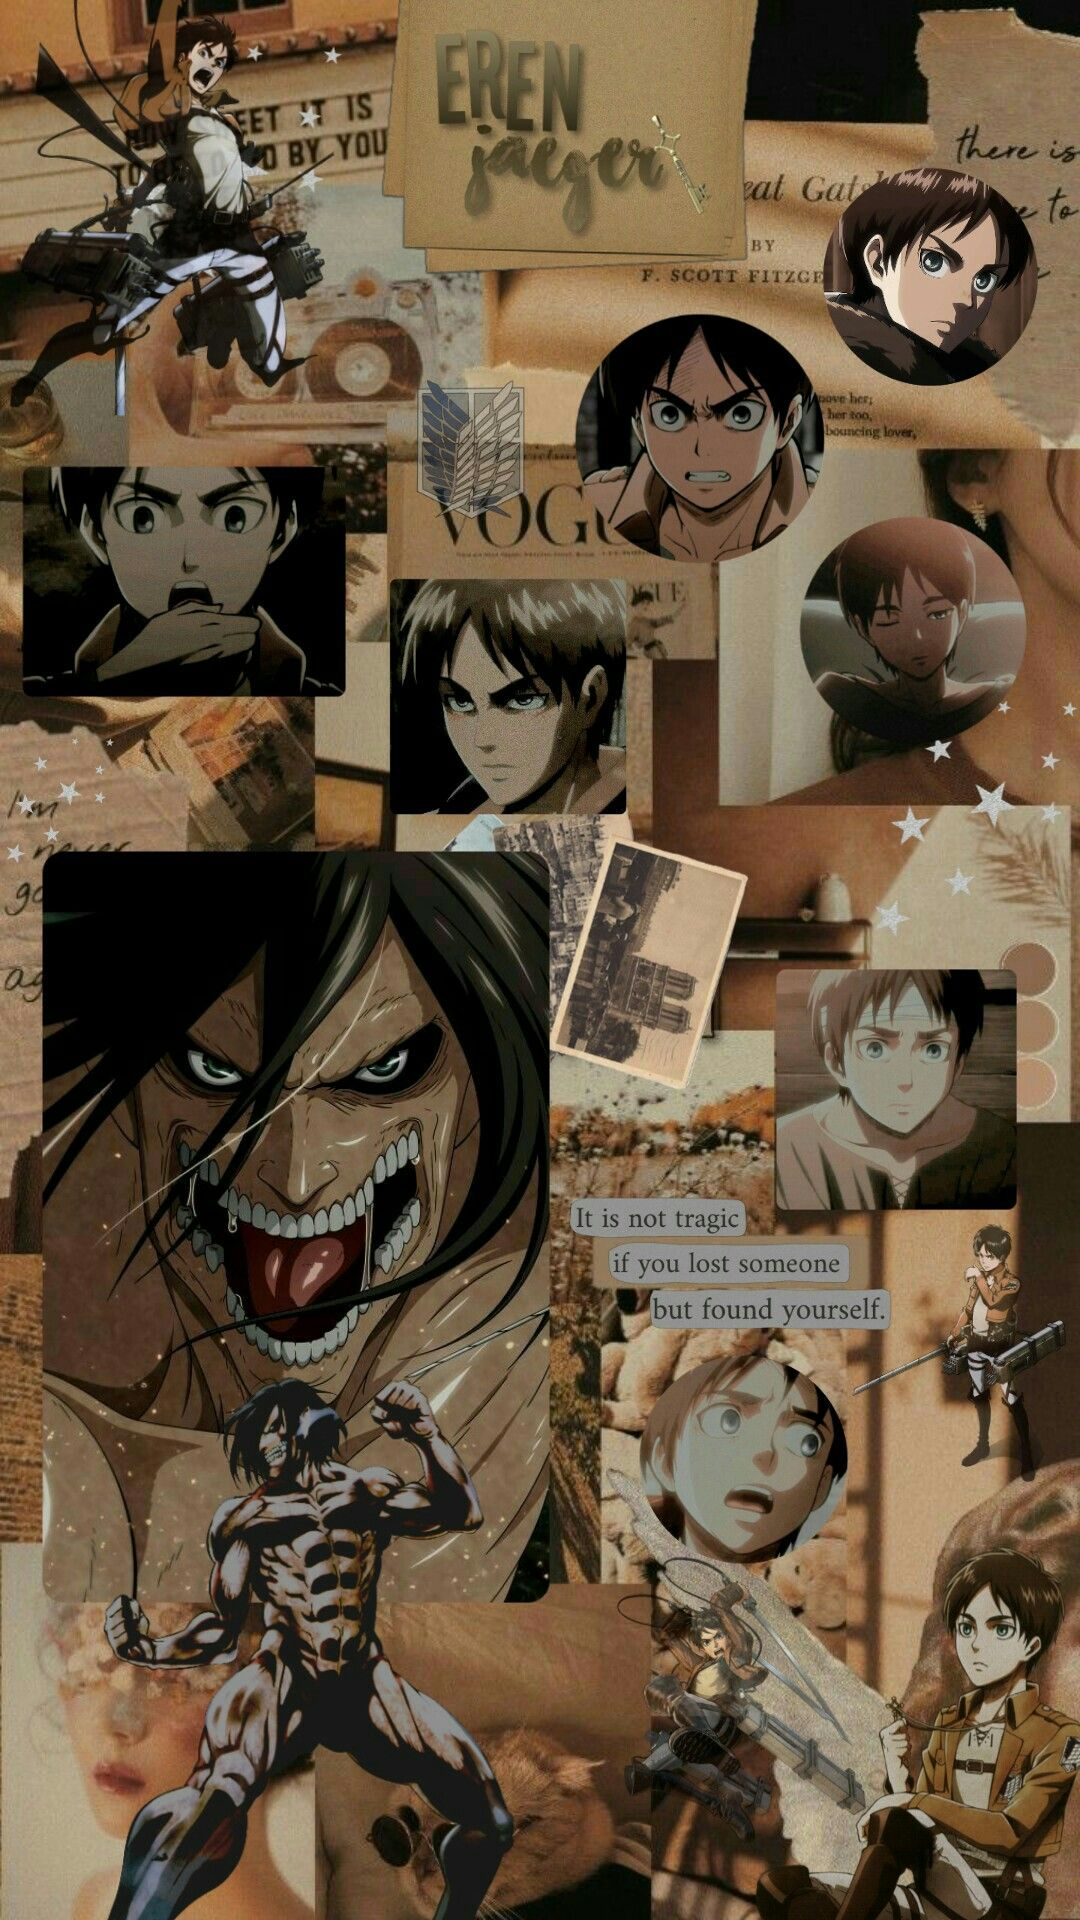 Eren Aesthetic In 2020 Yandere Anime Cute Anime Wallpaper Anime Wallpaper